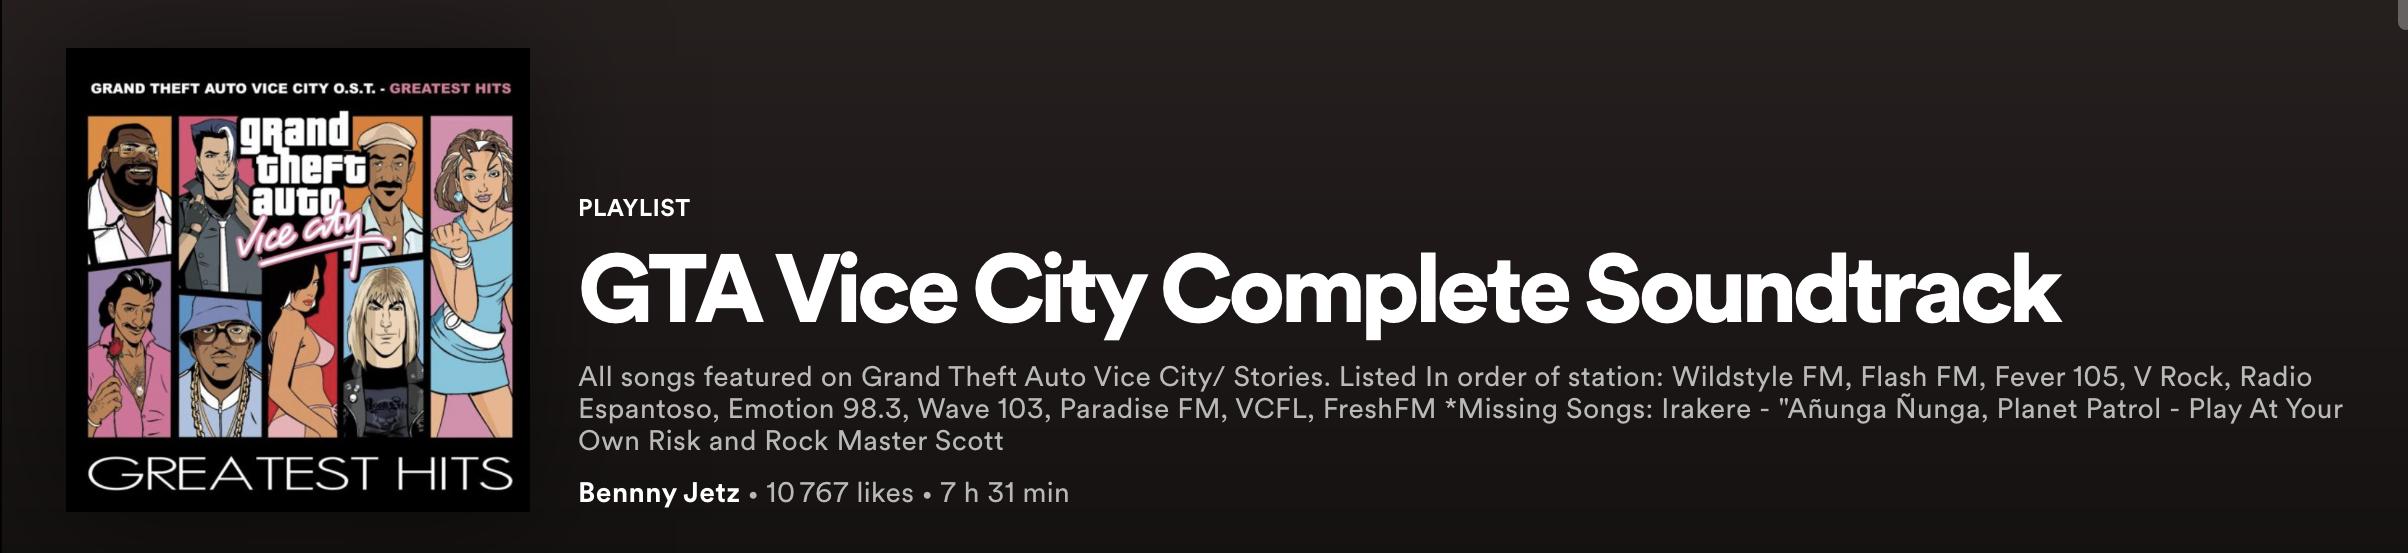 GTA Vice City Spotify